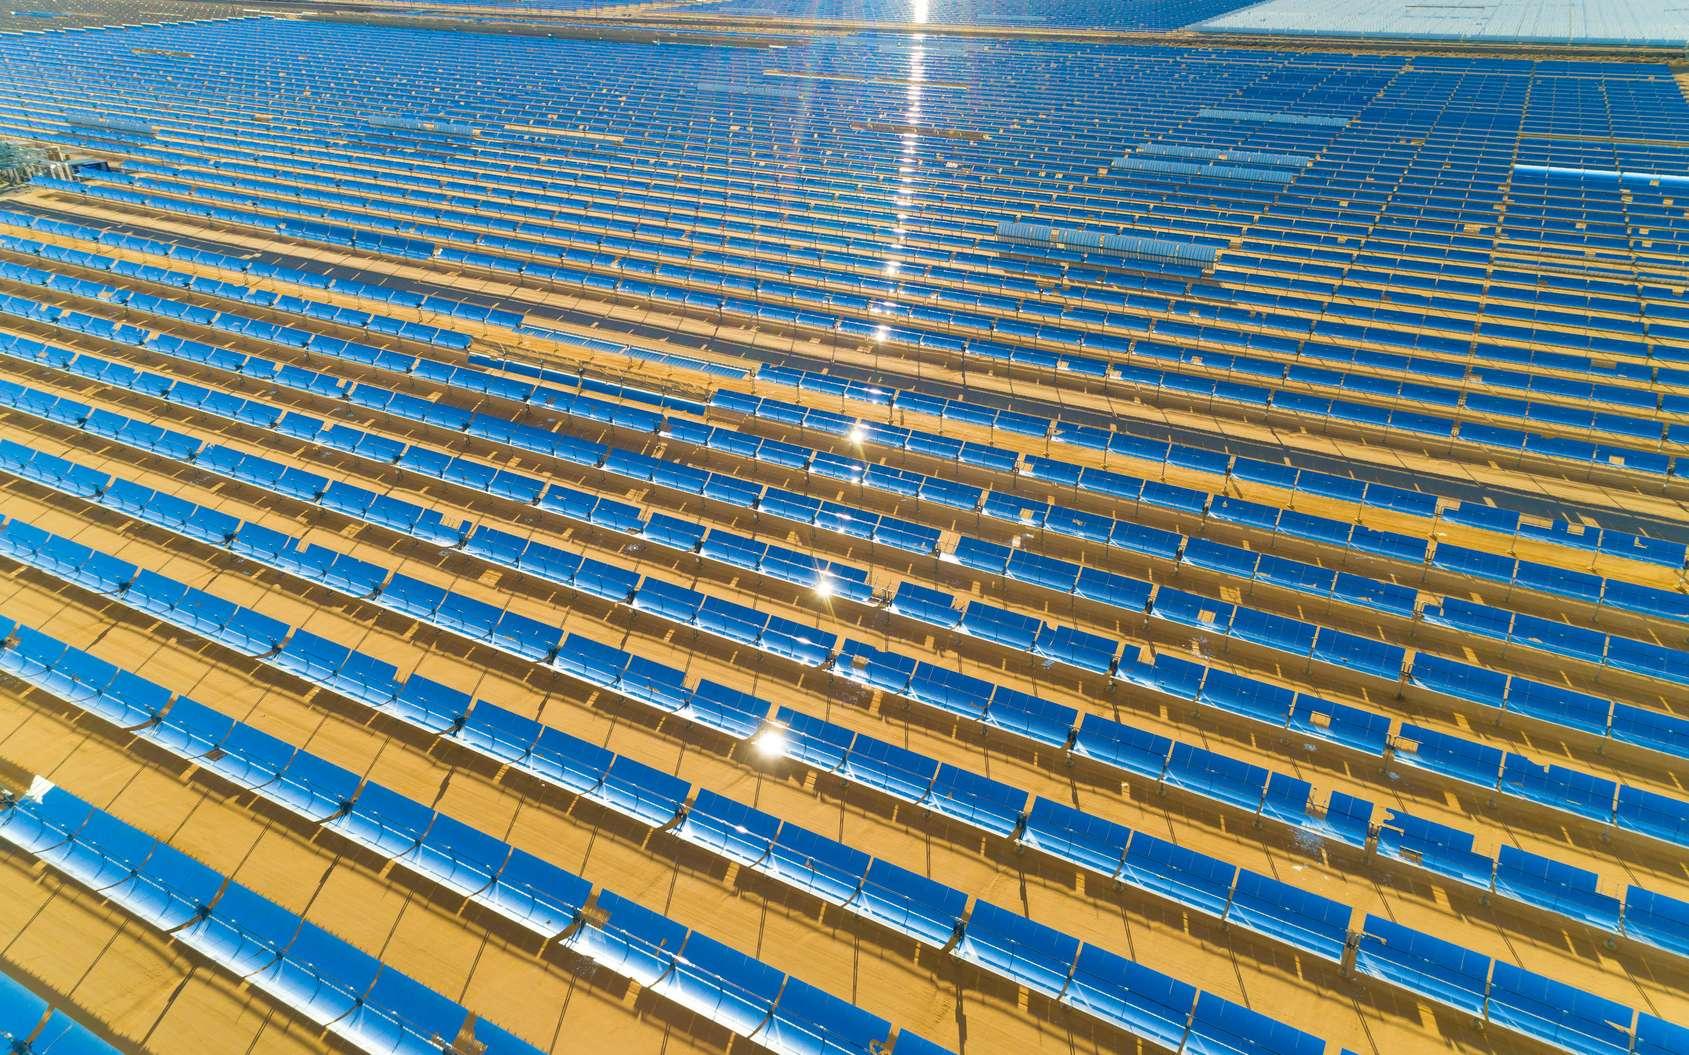 La Chine détient un quart des capacités solaires installées dans le monde. © Newport Coast Media, Fotolia